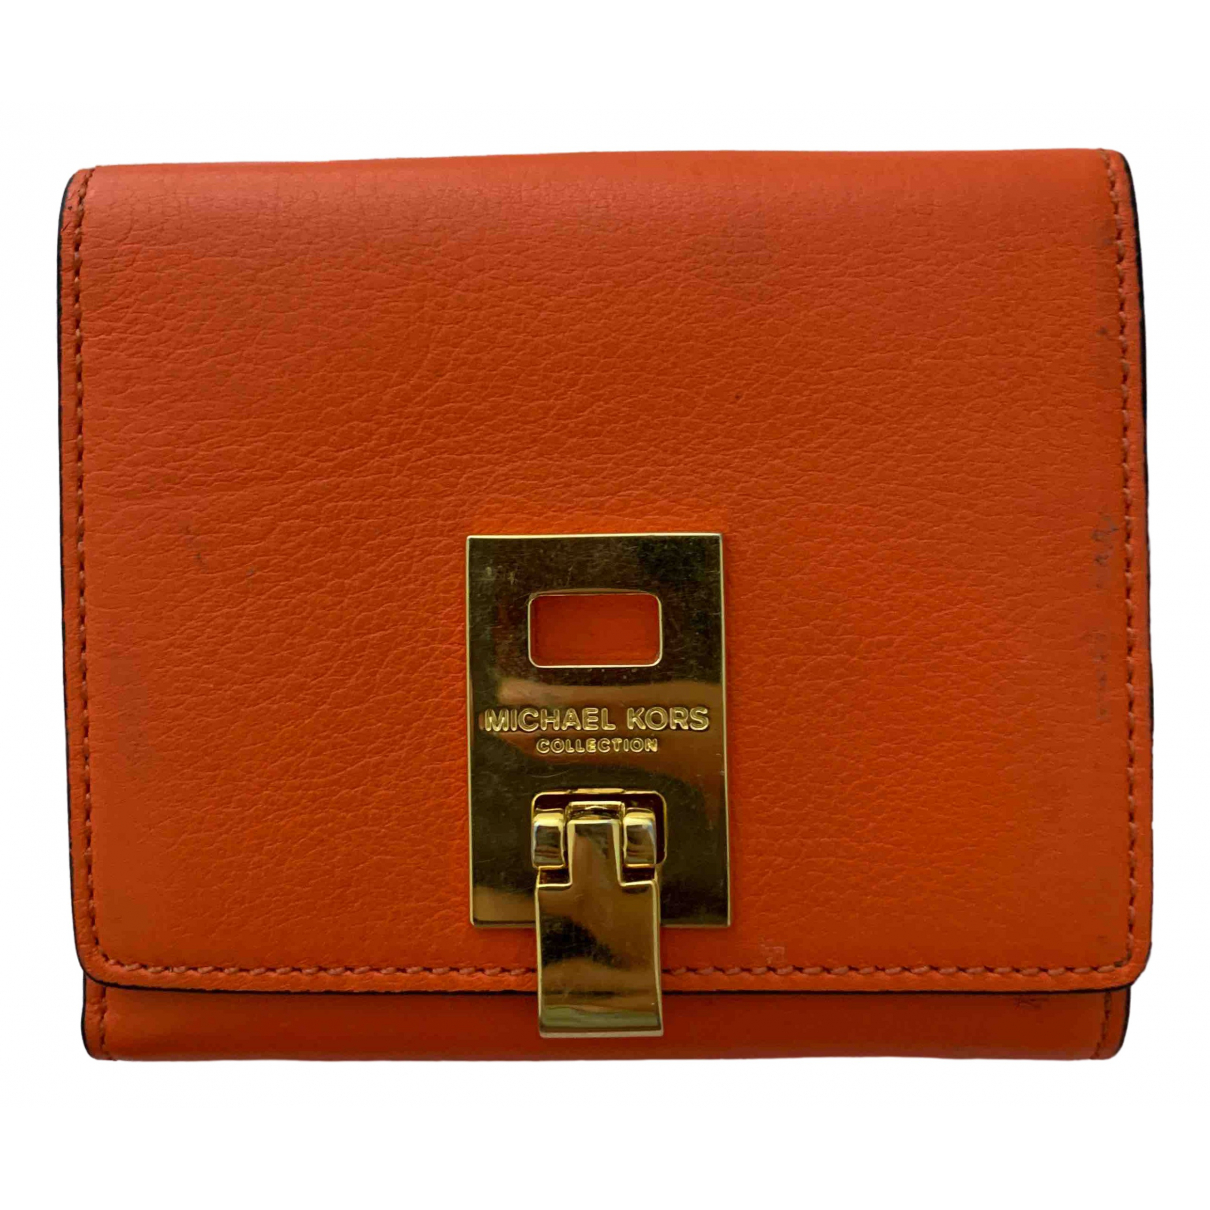 Michael Kors - Portefeuille   pour femme en cuir - orange